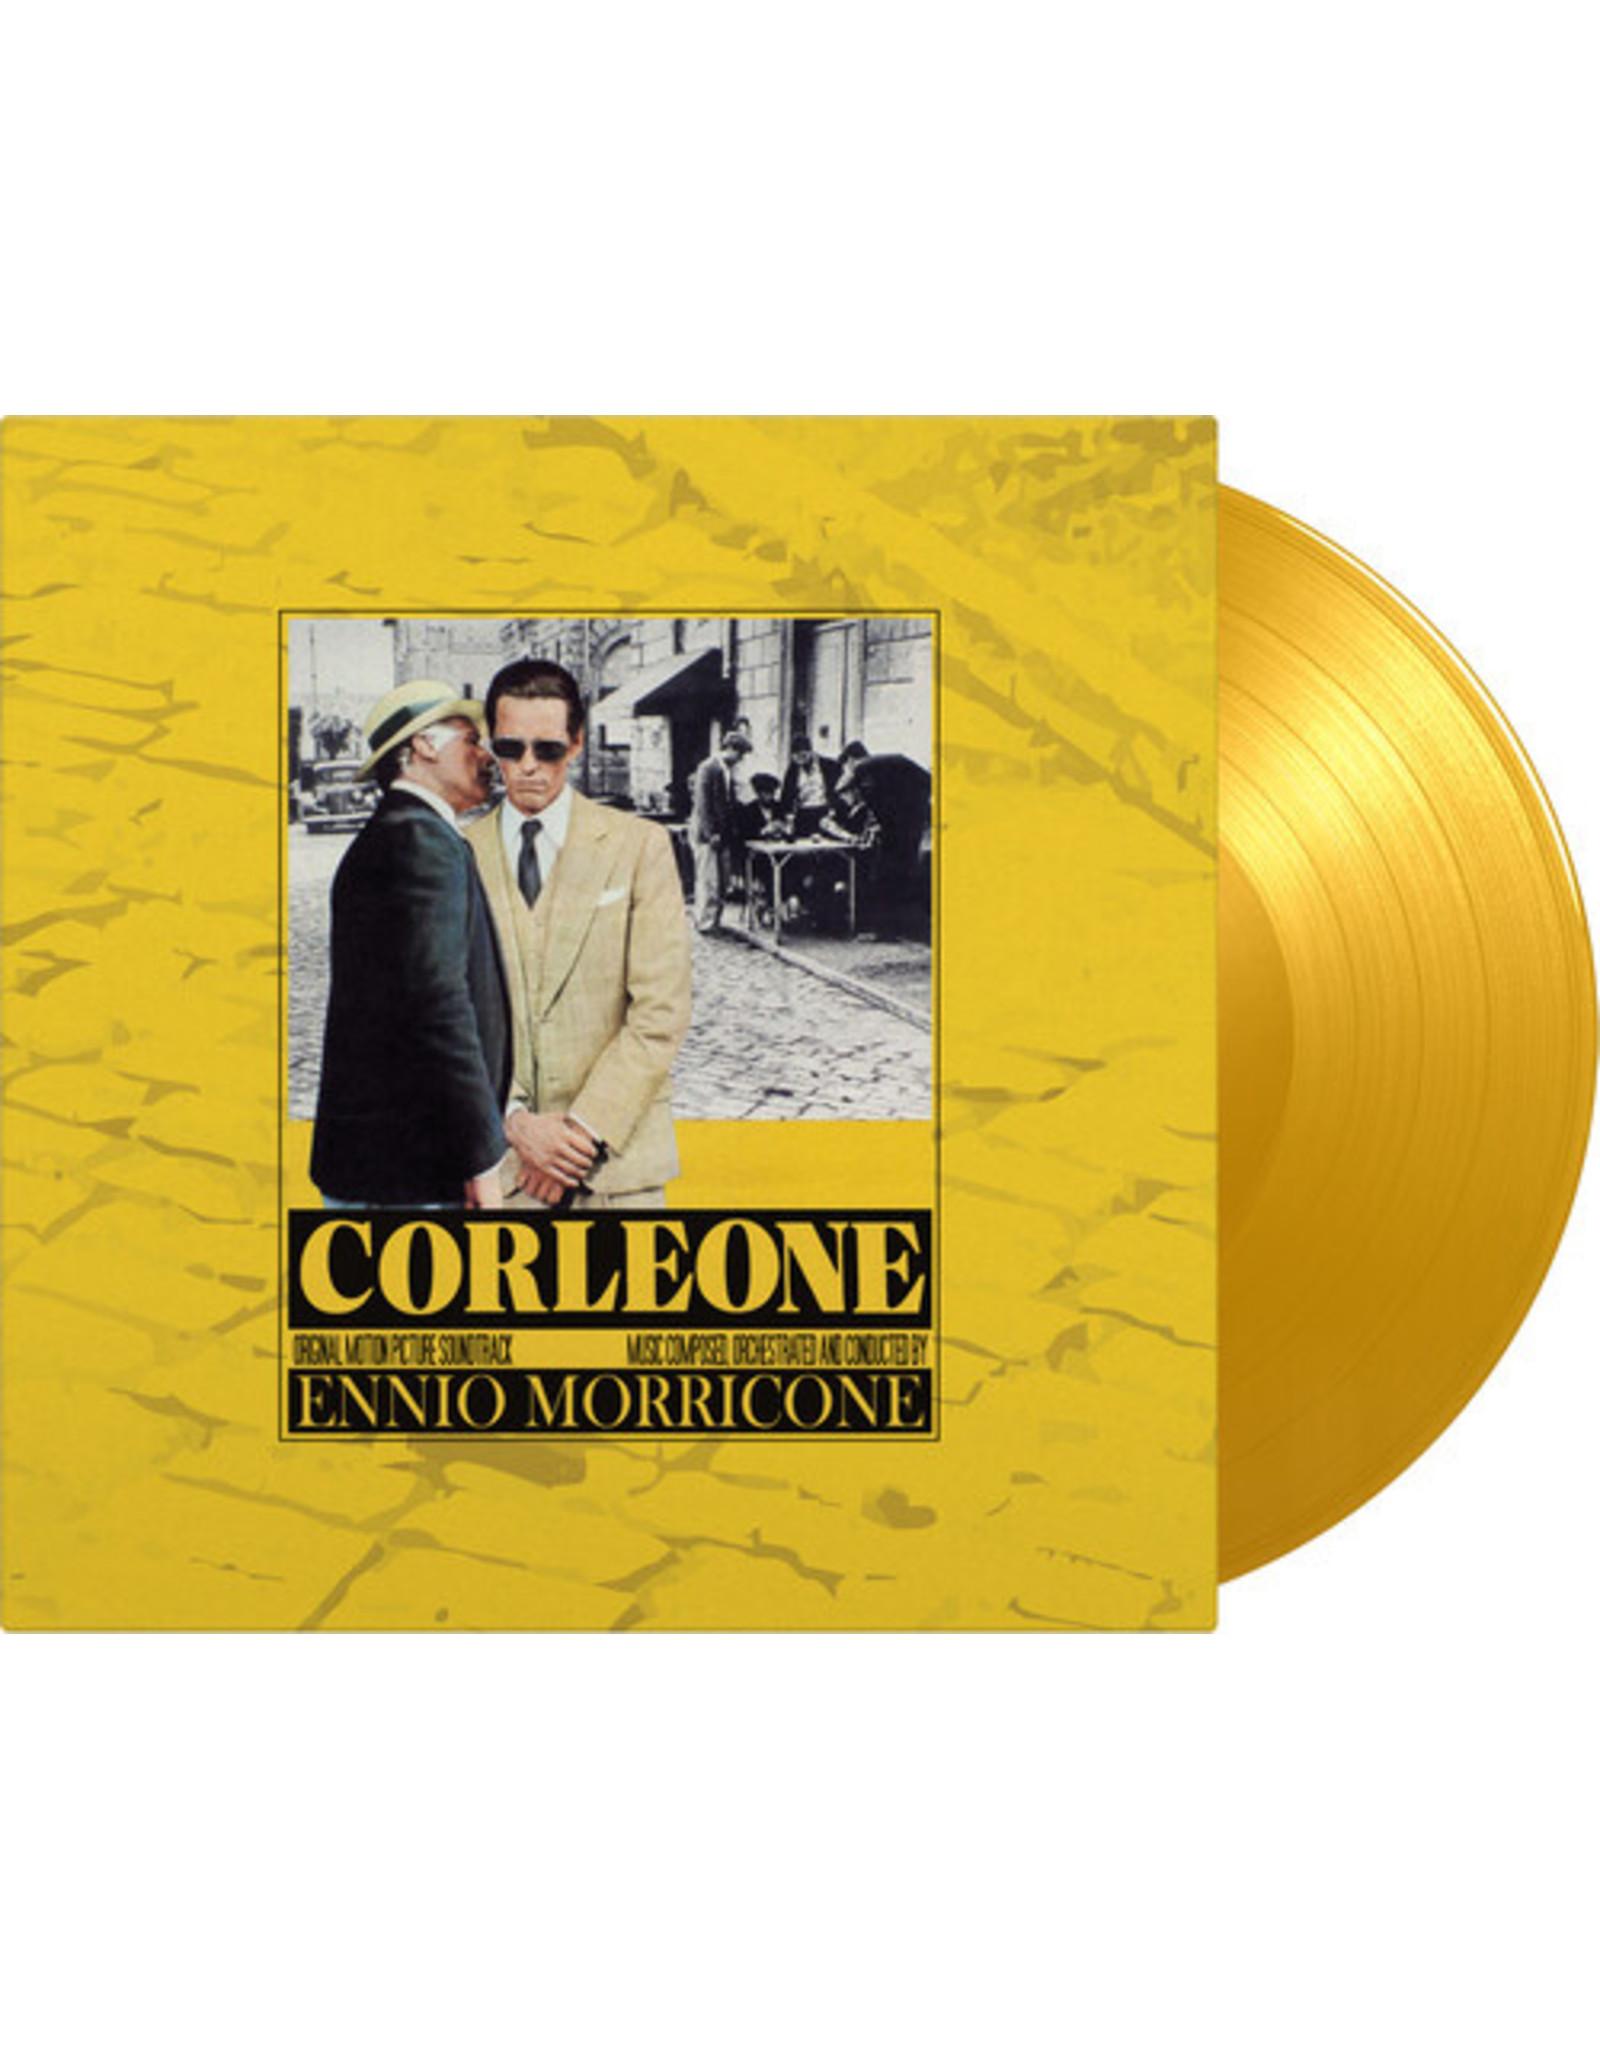 New Vinyl Ennio Morricone - Corleone OST (Colored) LP